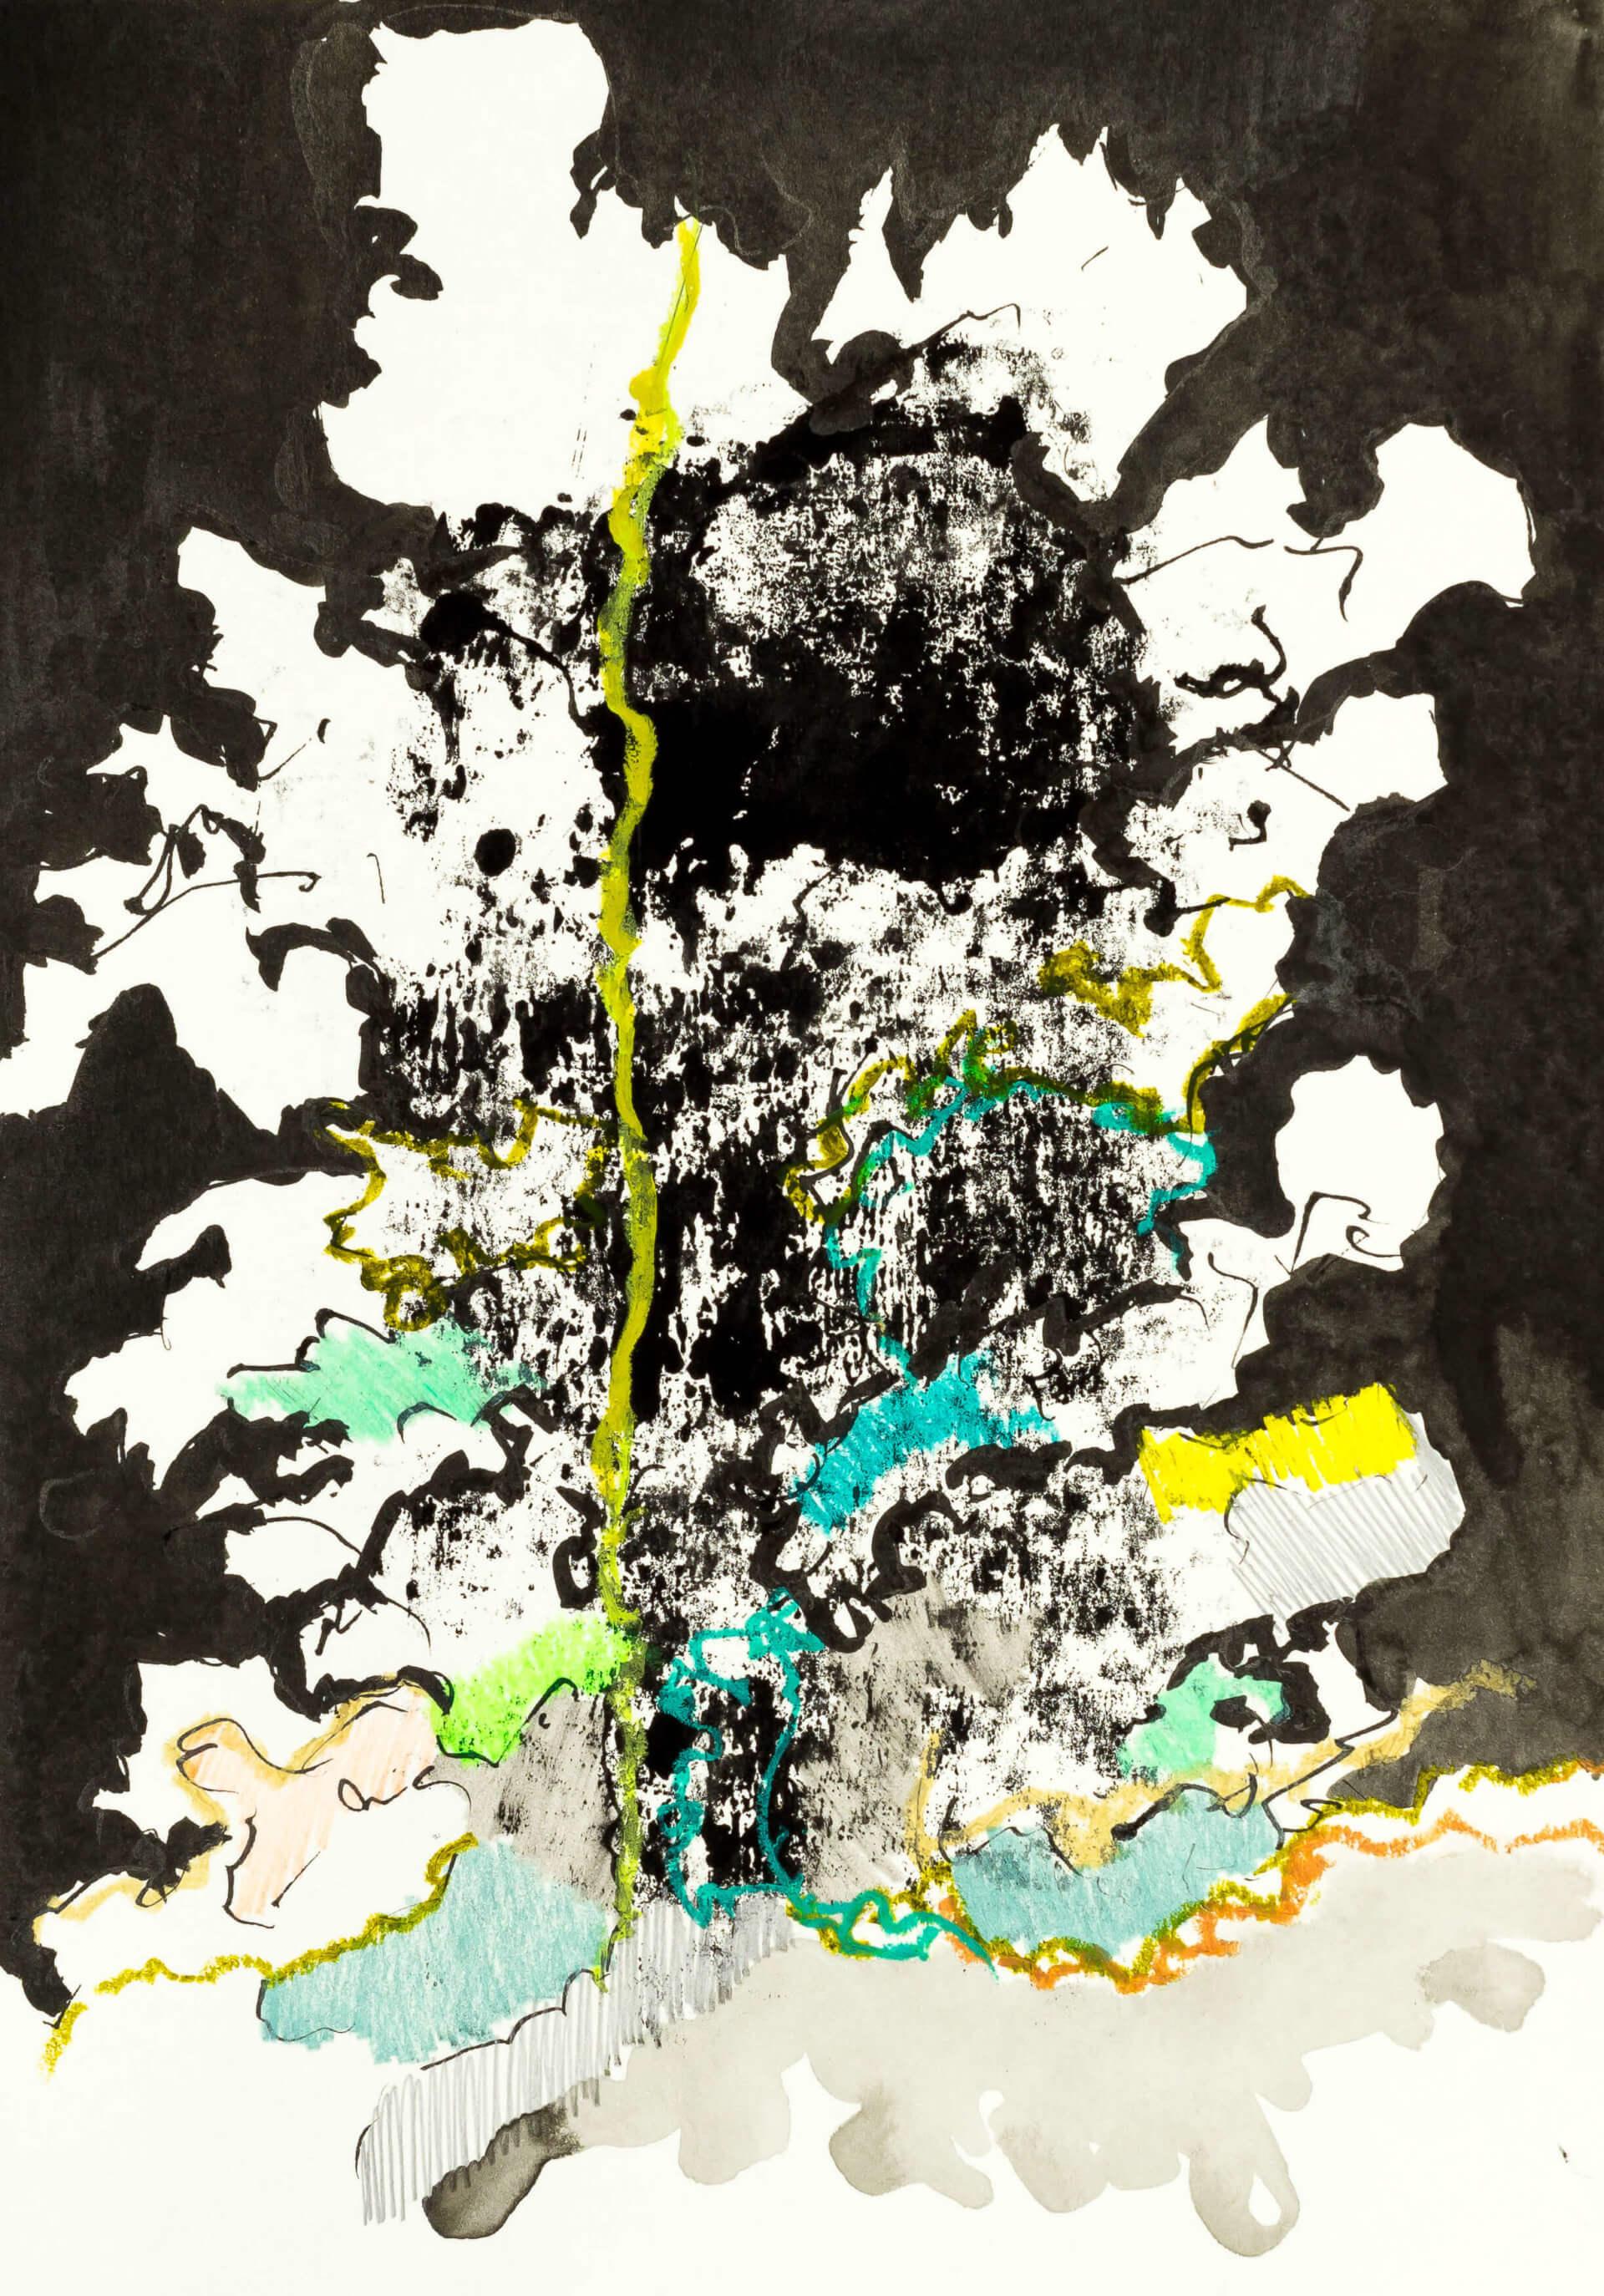 Katharina Albers, Wald XXXVII, 2016, Ölkreide, Linolfarbe, Buntstift, Aquarell auf Papier, 29,7x21 cm